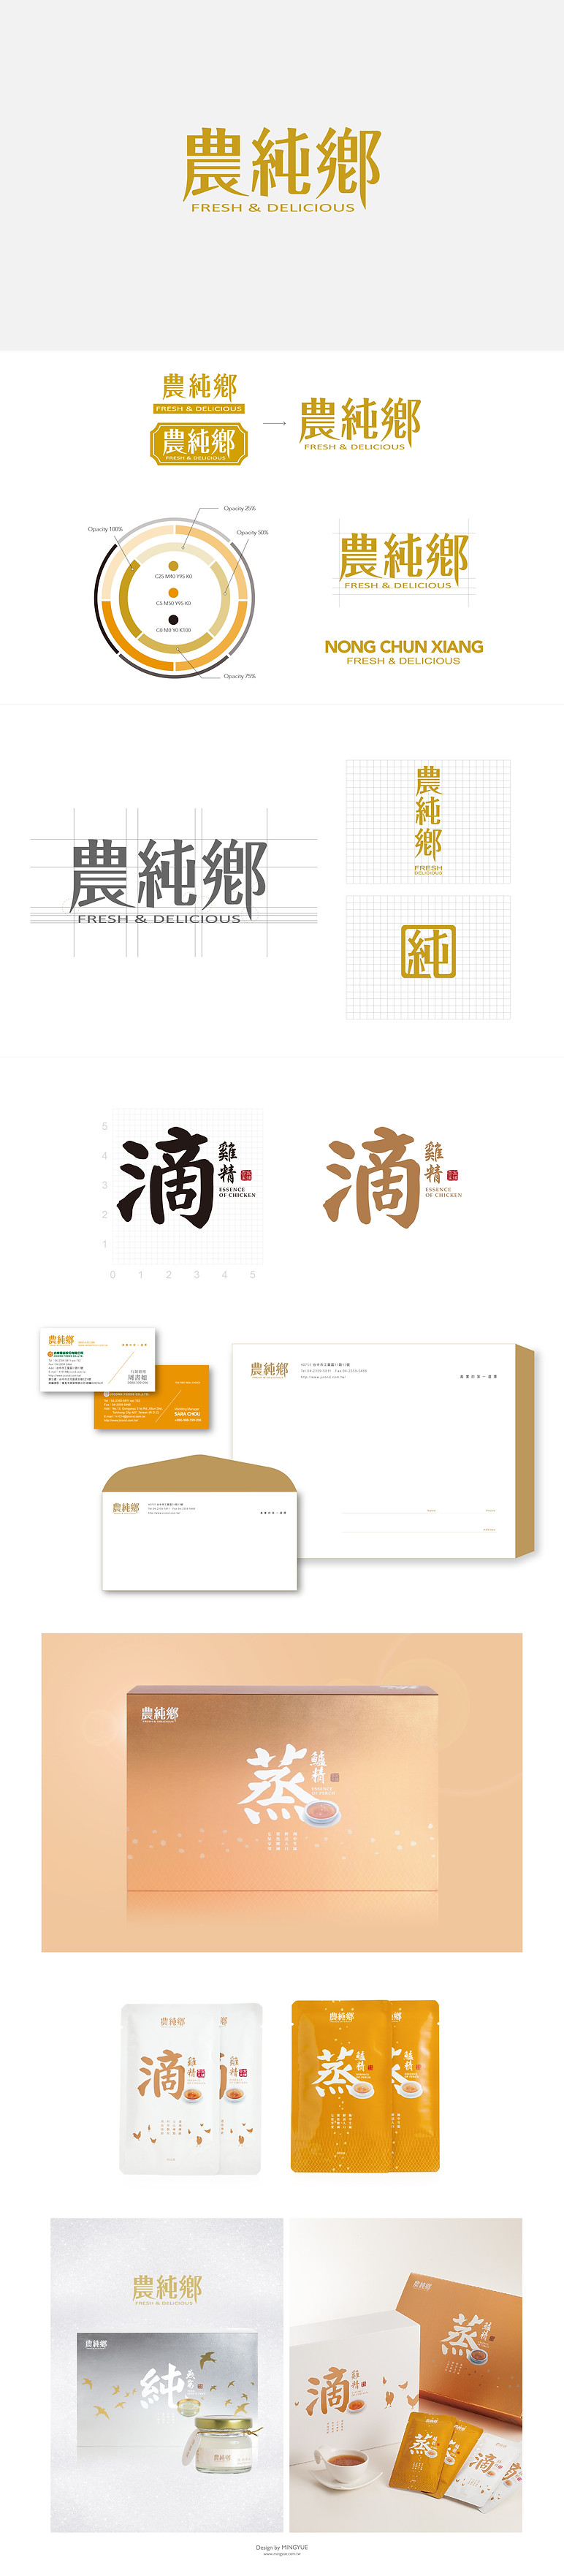 農純鄉品牌設計.jpg